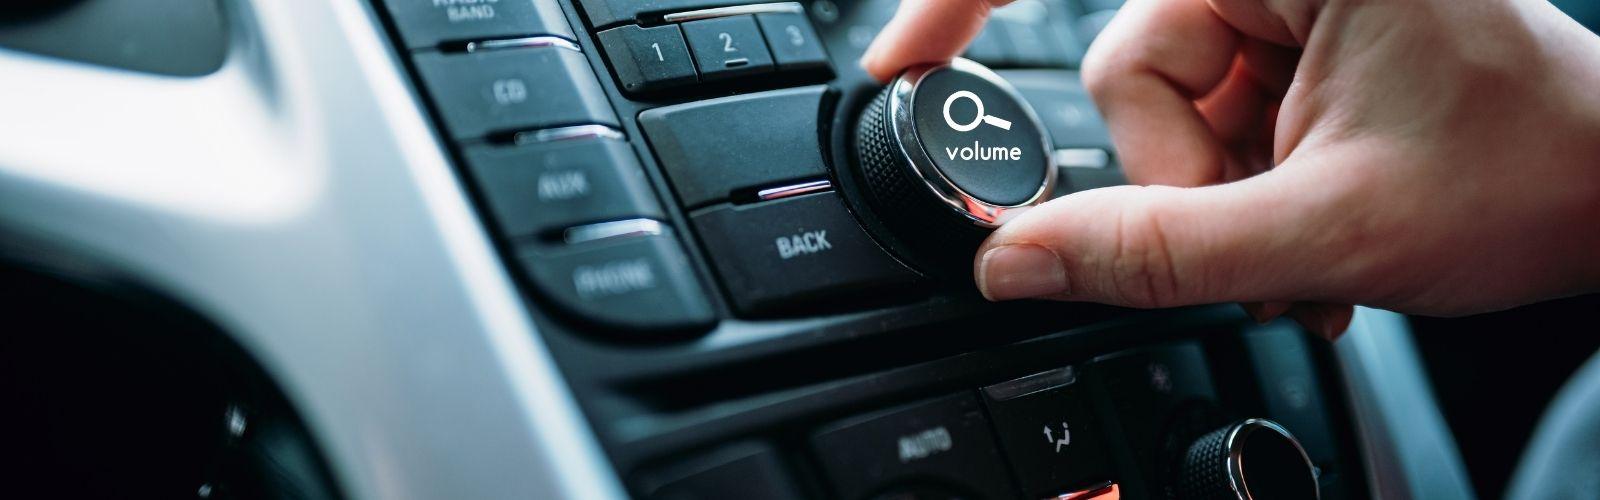 zero search volume cover